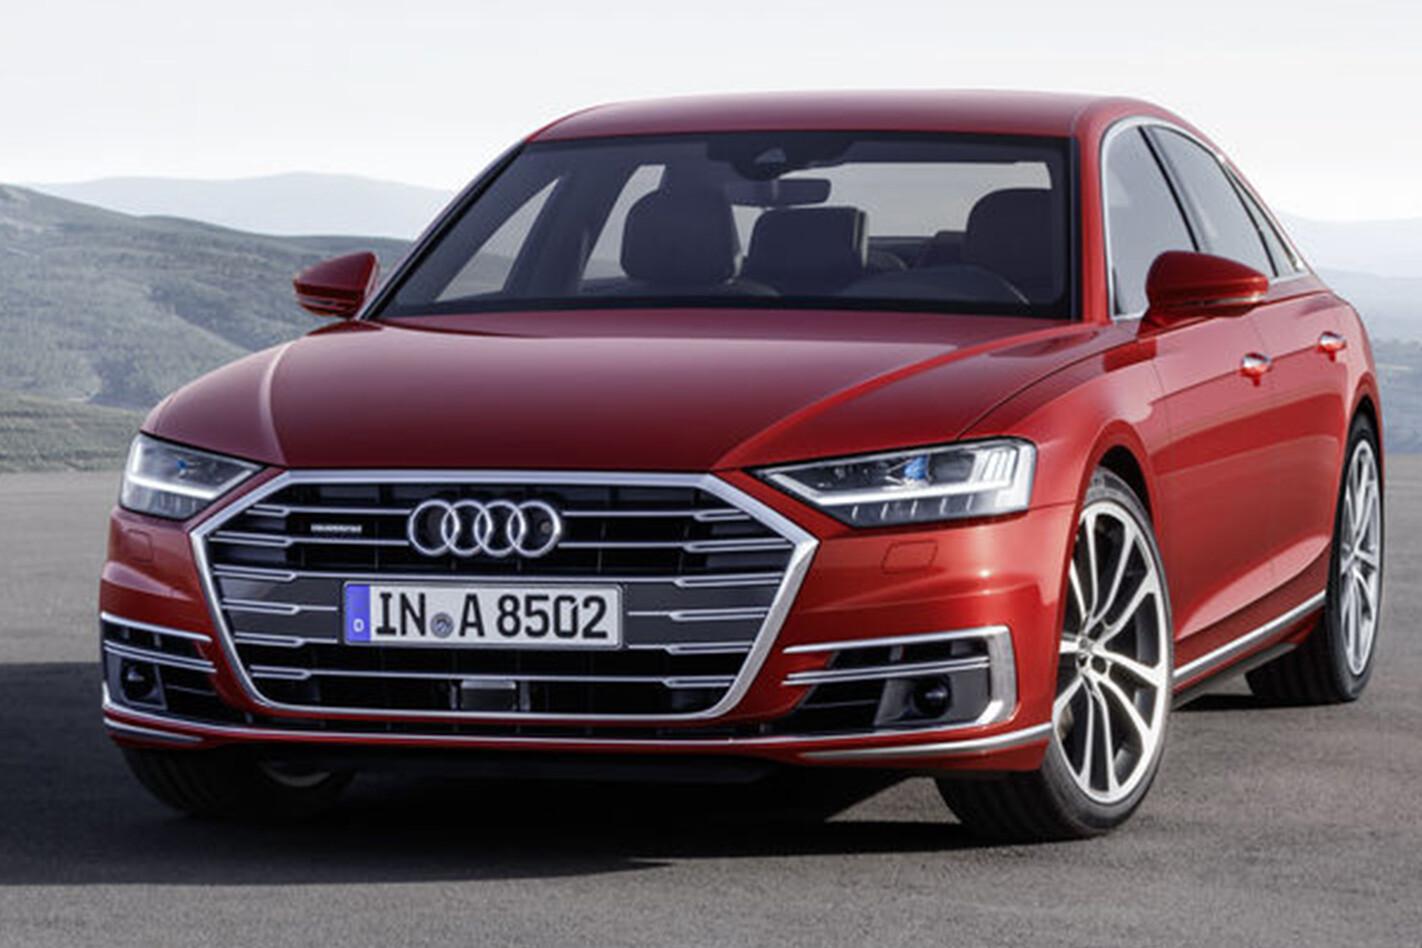 2018 Audi A8 front facing